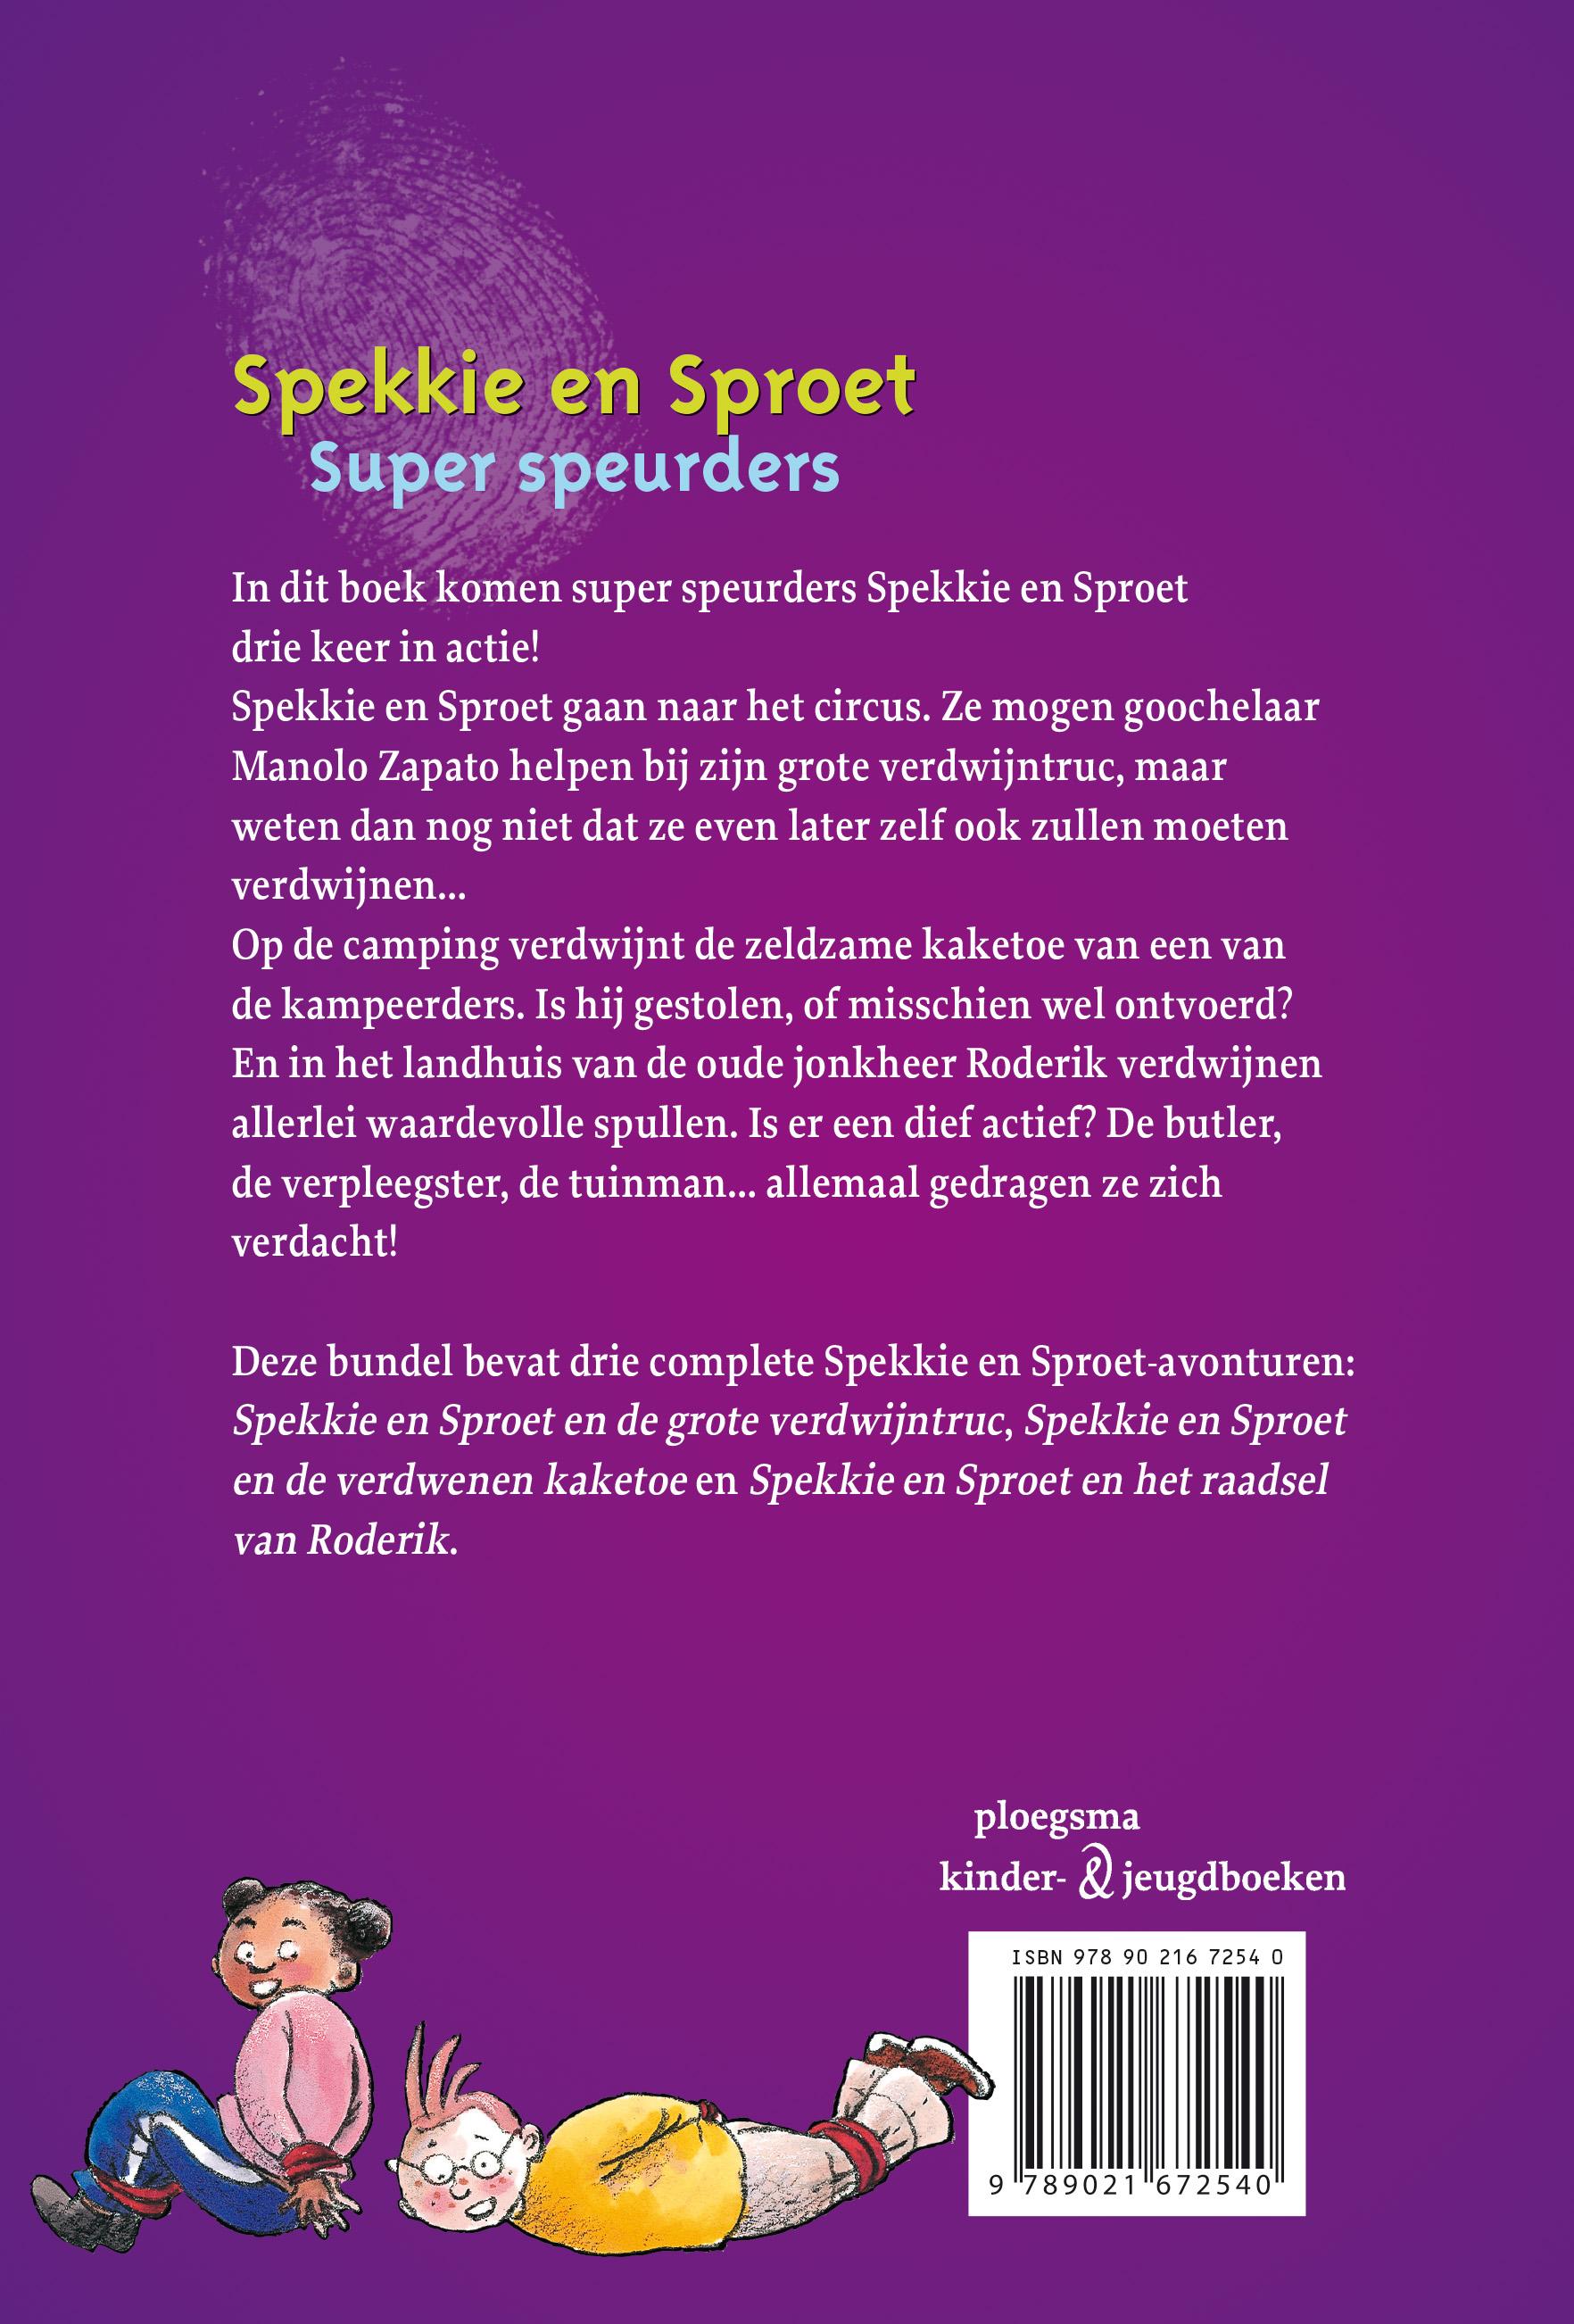 Spekkie en Sproet: Super speurders